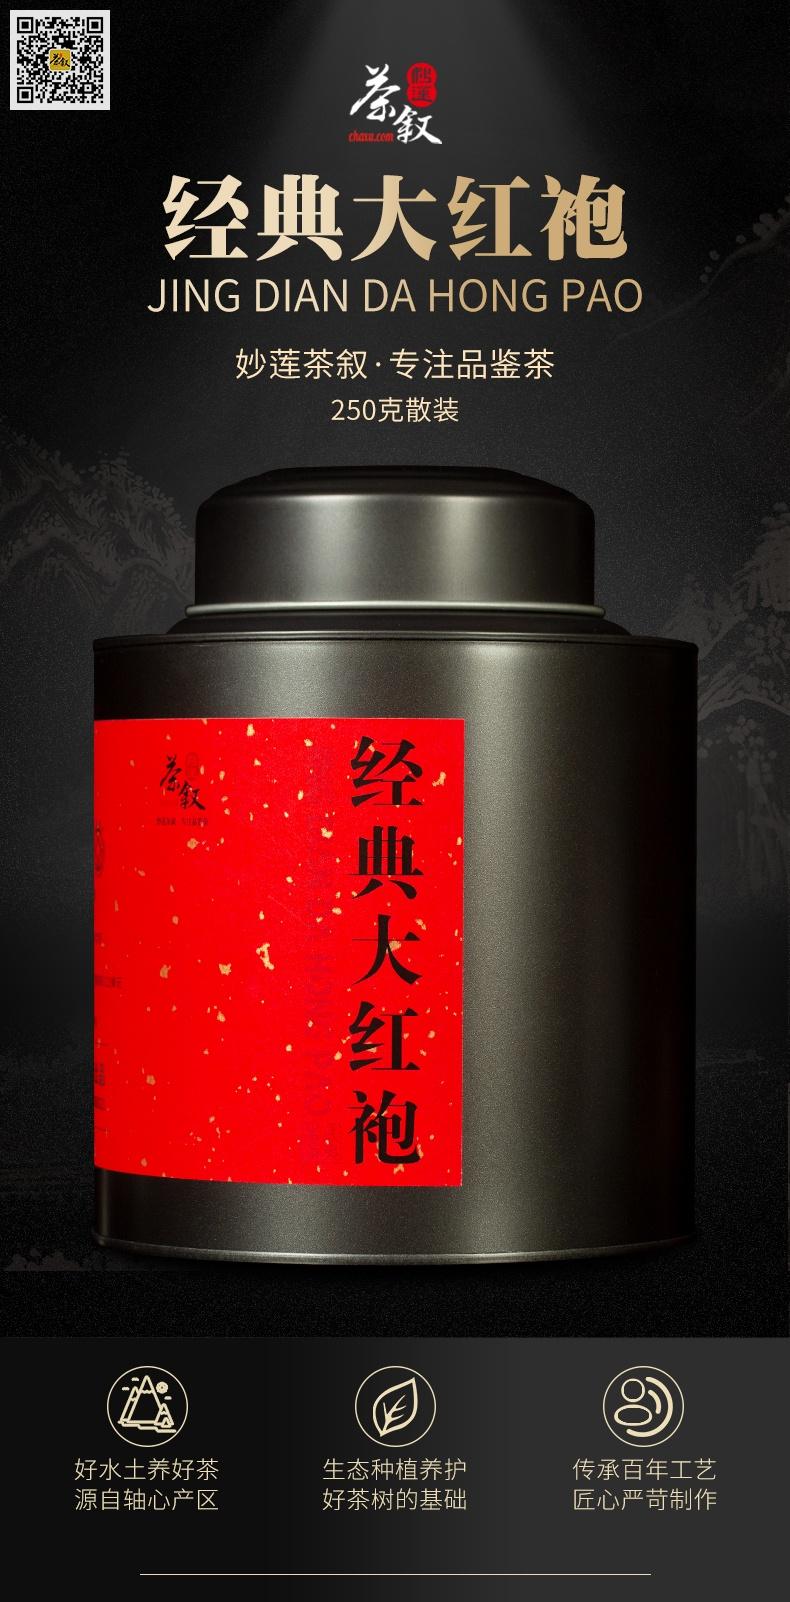 散装经典大红袍岩茶罐装效果